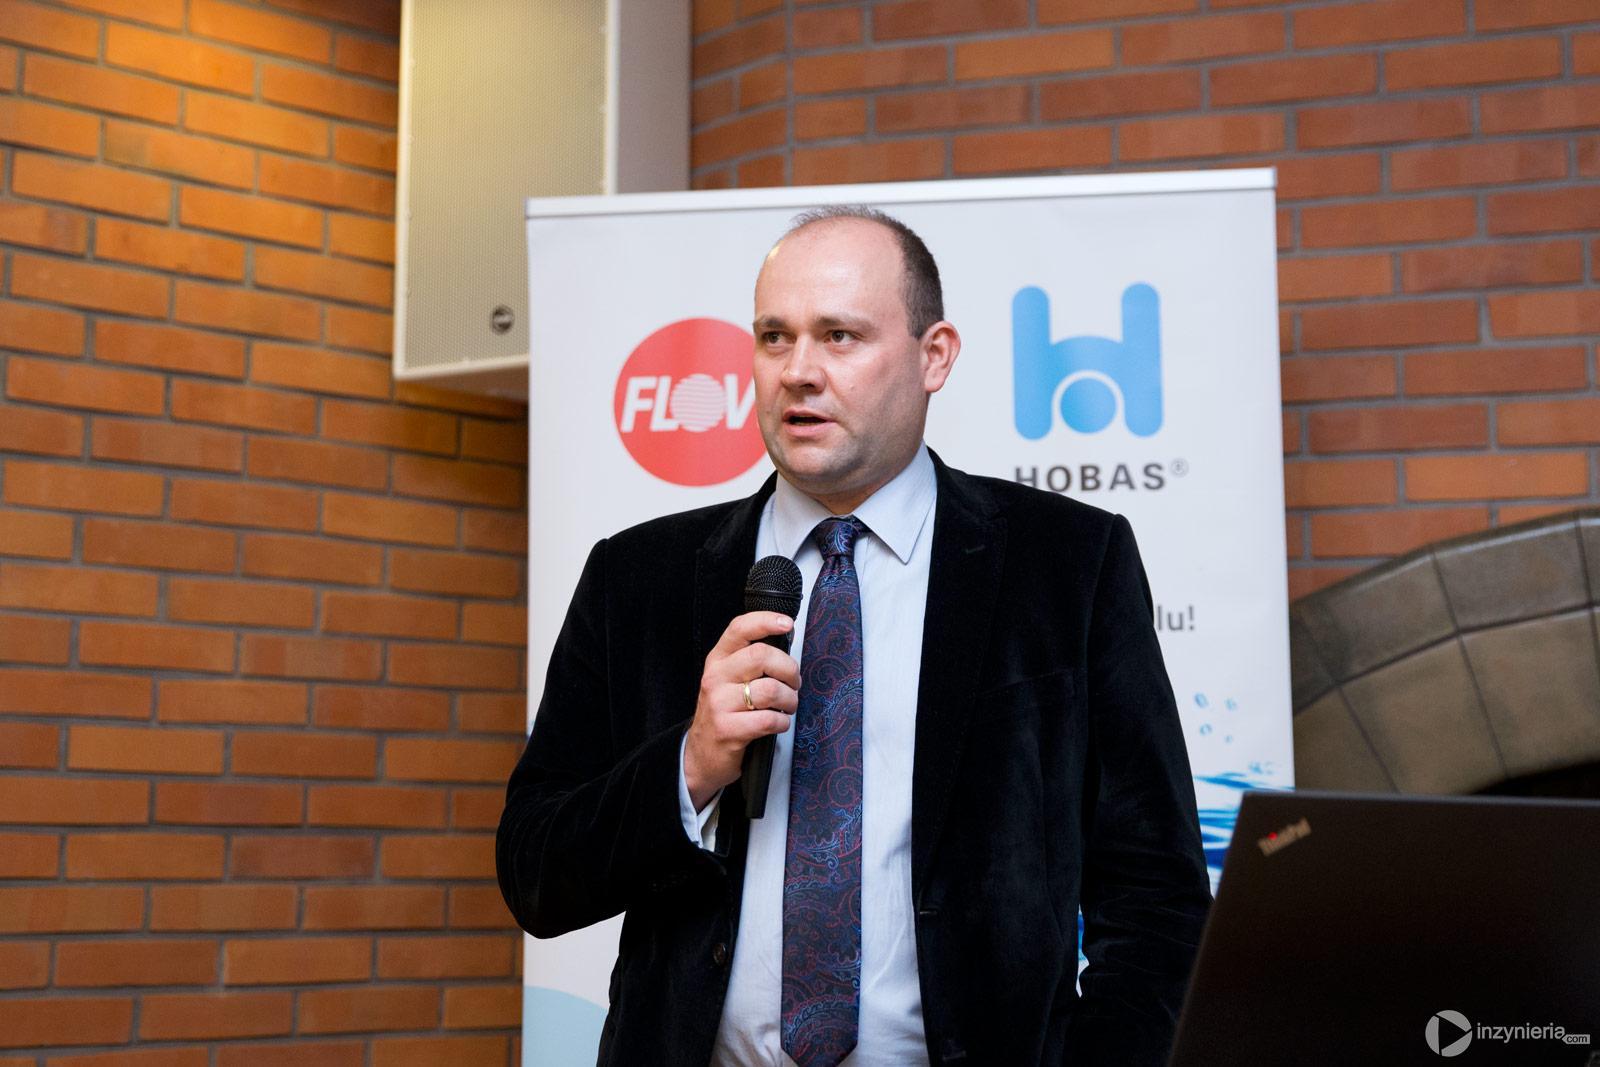 Marcin Ruczyński / fot. <a href=&quot;http://www.quality-studio.com&quot; target=&quot;_blank&quot;>Quality Studio</a> dla www.inzynieria.com